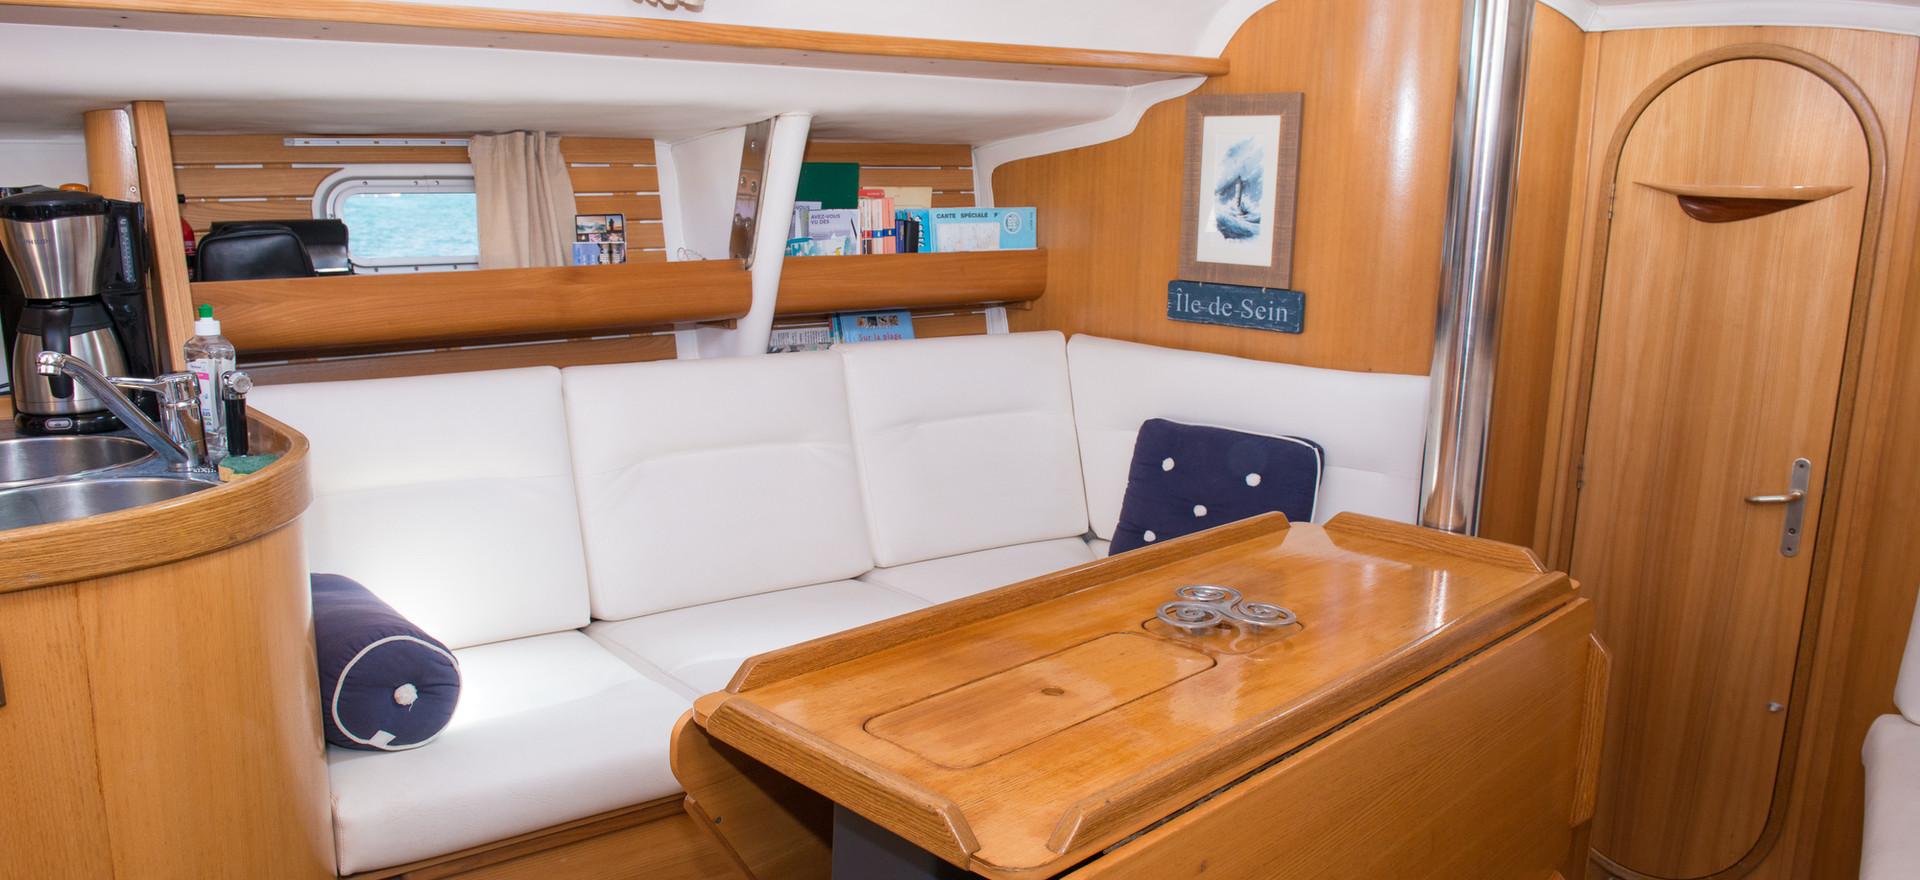 Carré d'équipage cosy voilier Atlantis